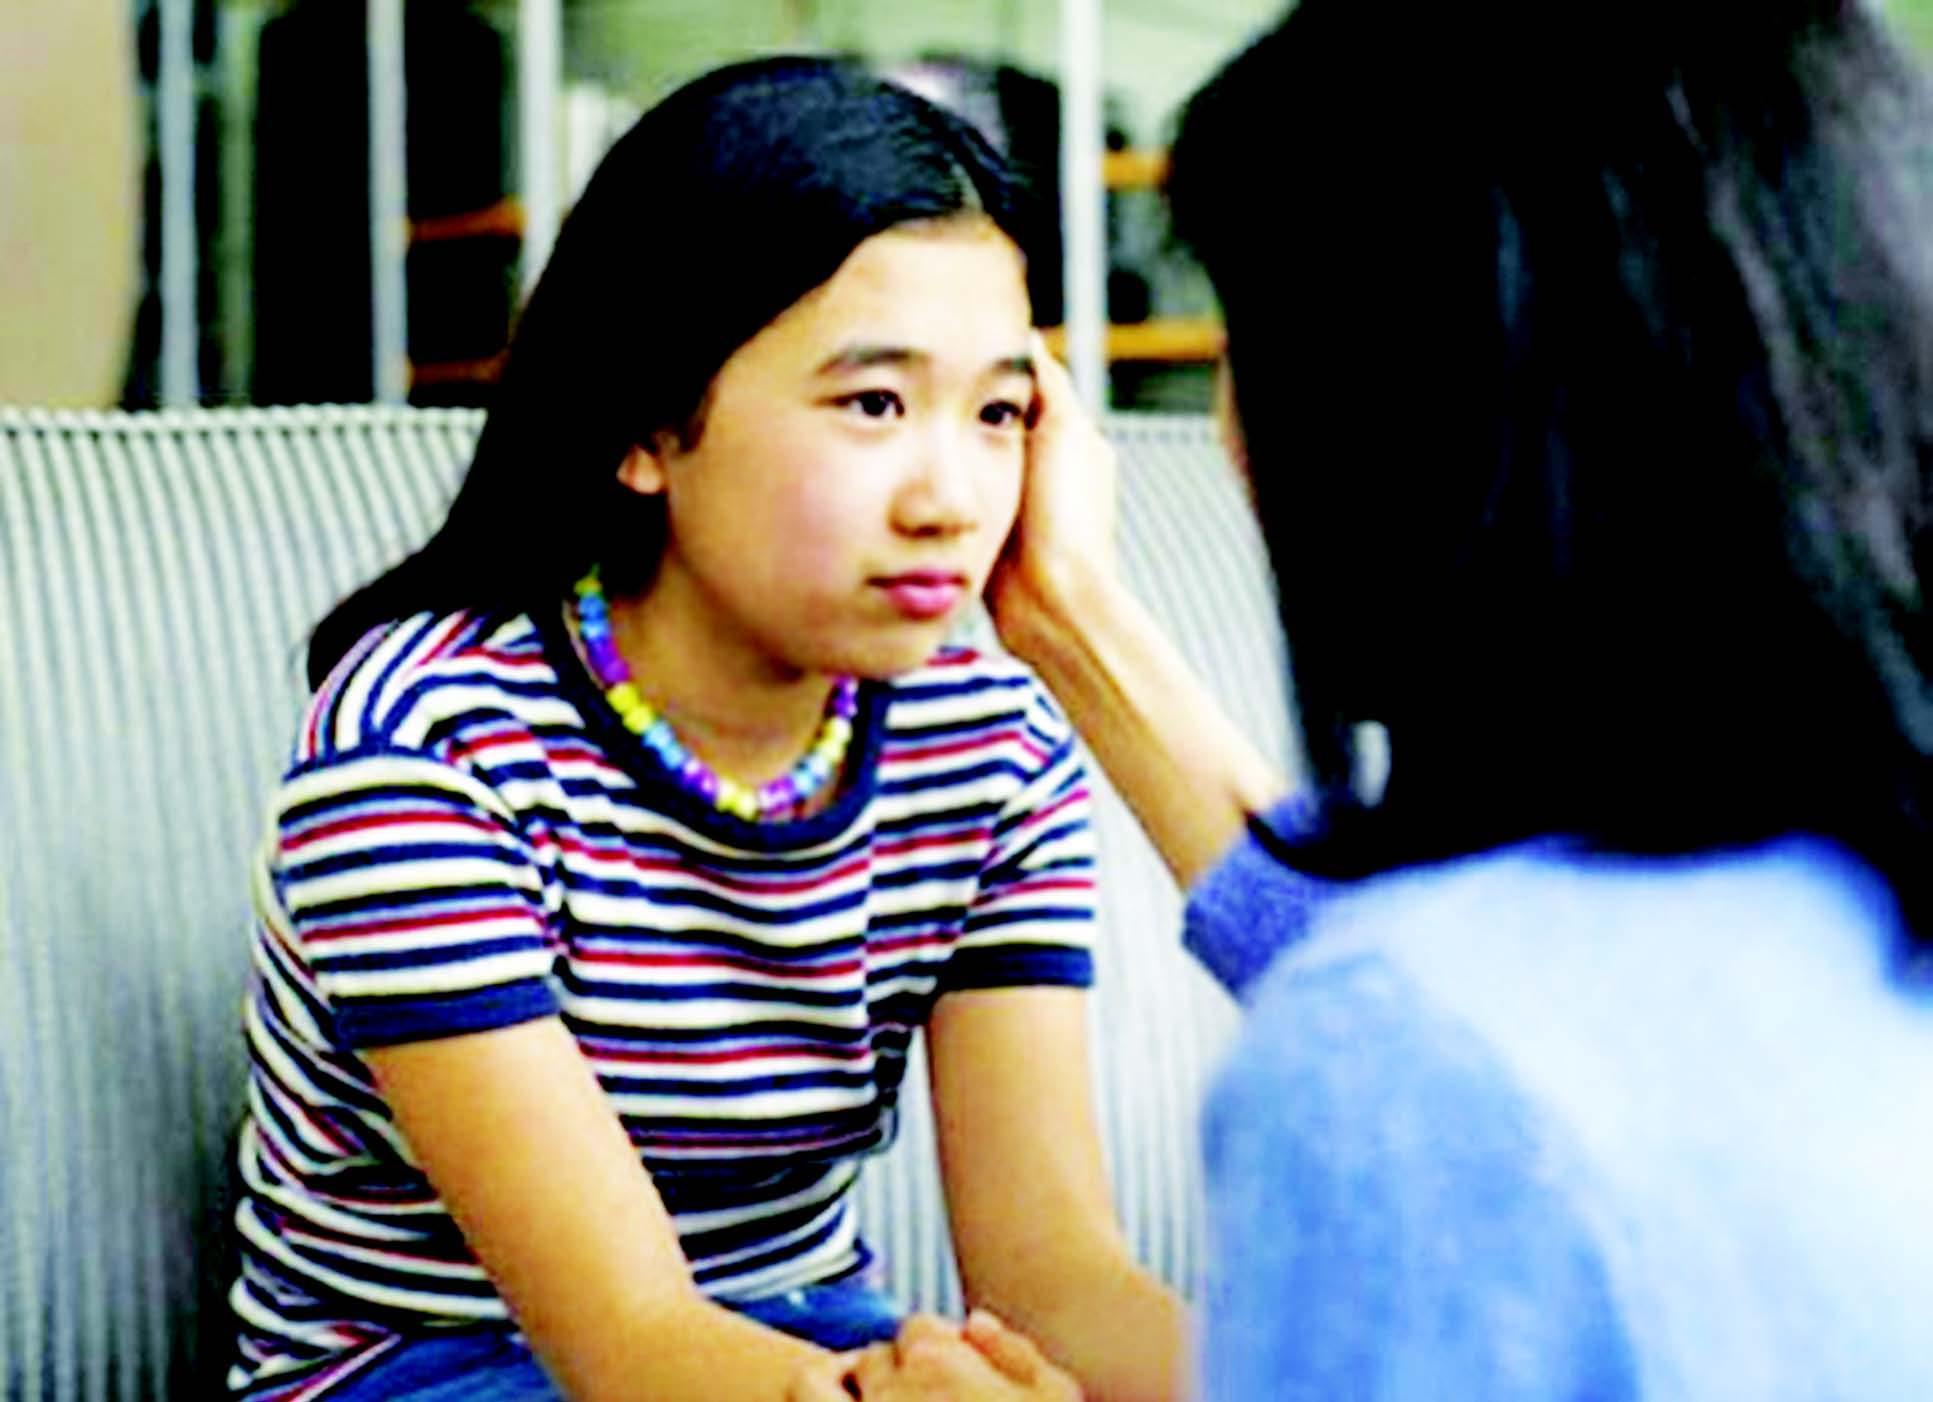 Trẻ tuổi teen cần phải được giáo dục về giới tính kĩ lưỡng.